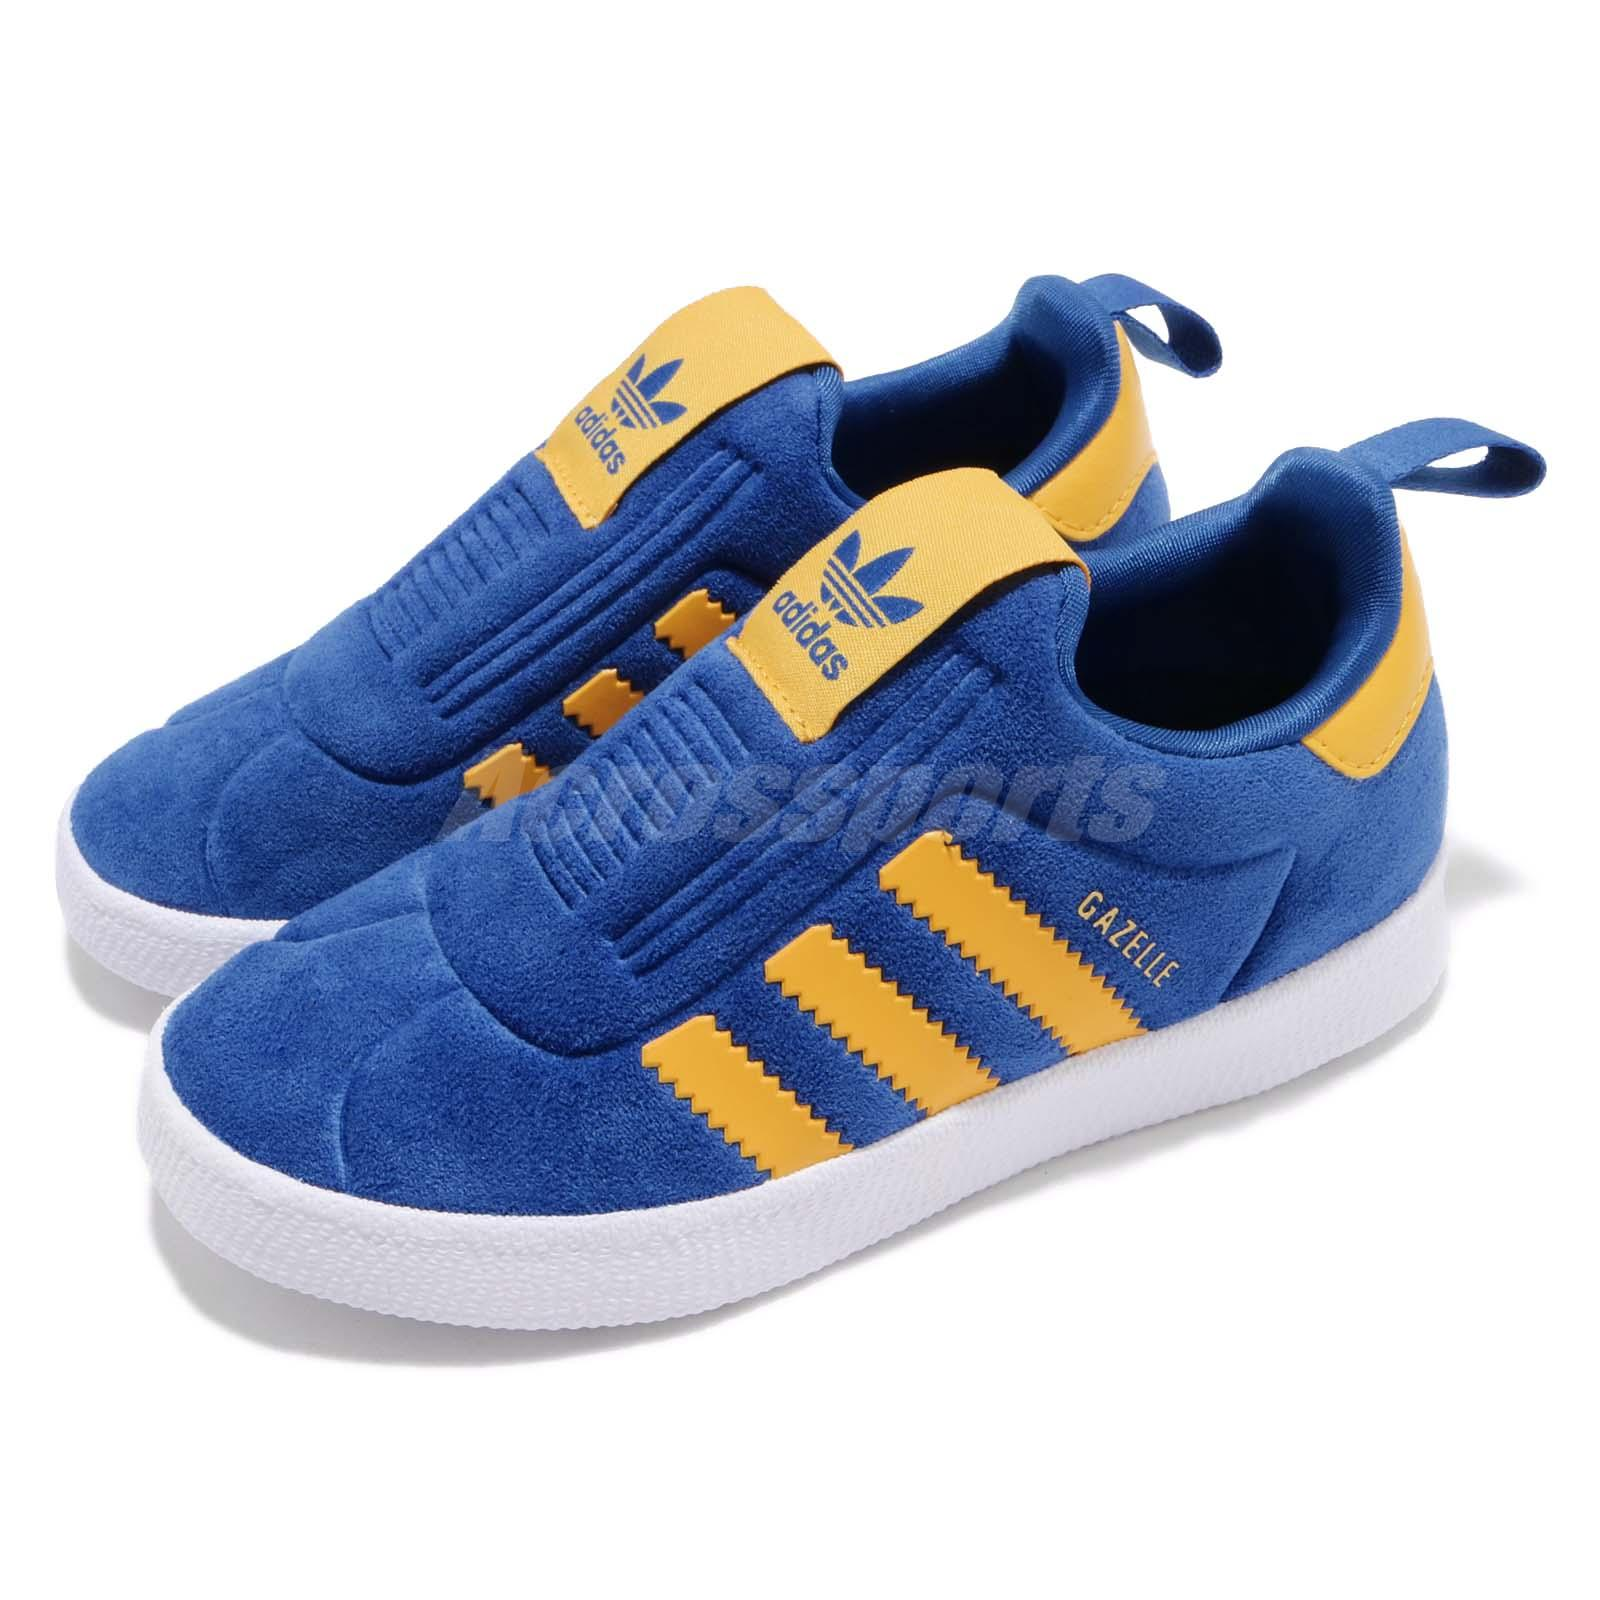 Gazelle Light Blue Shoes | Light blue shoes, Blue adidas